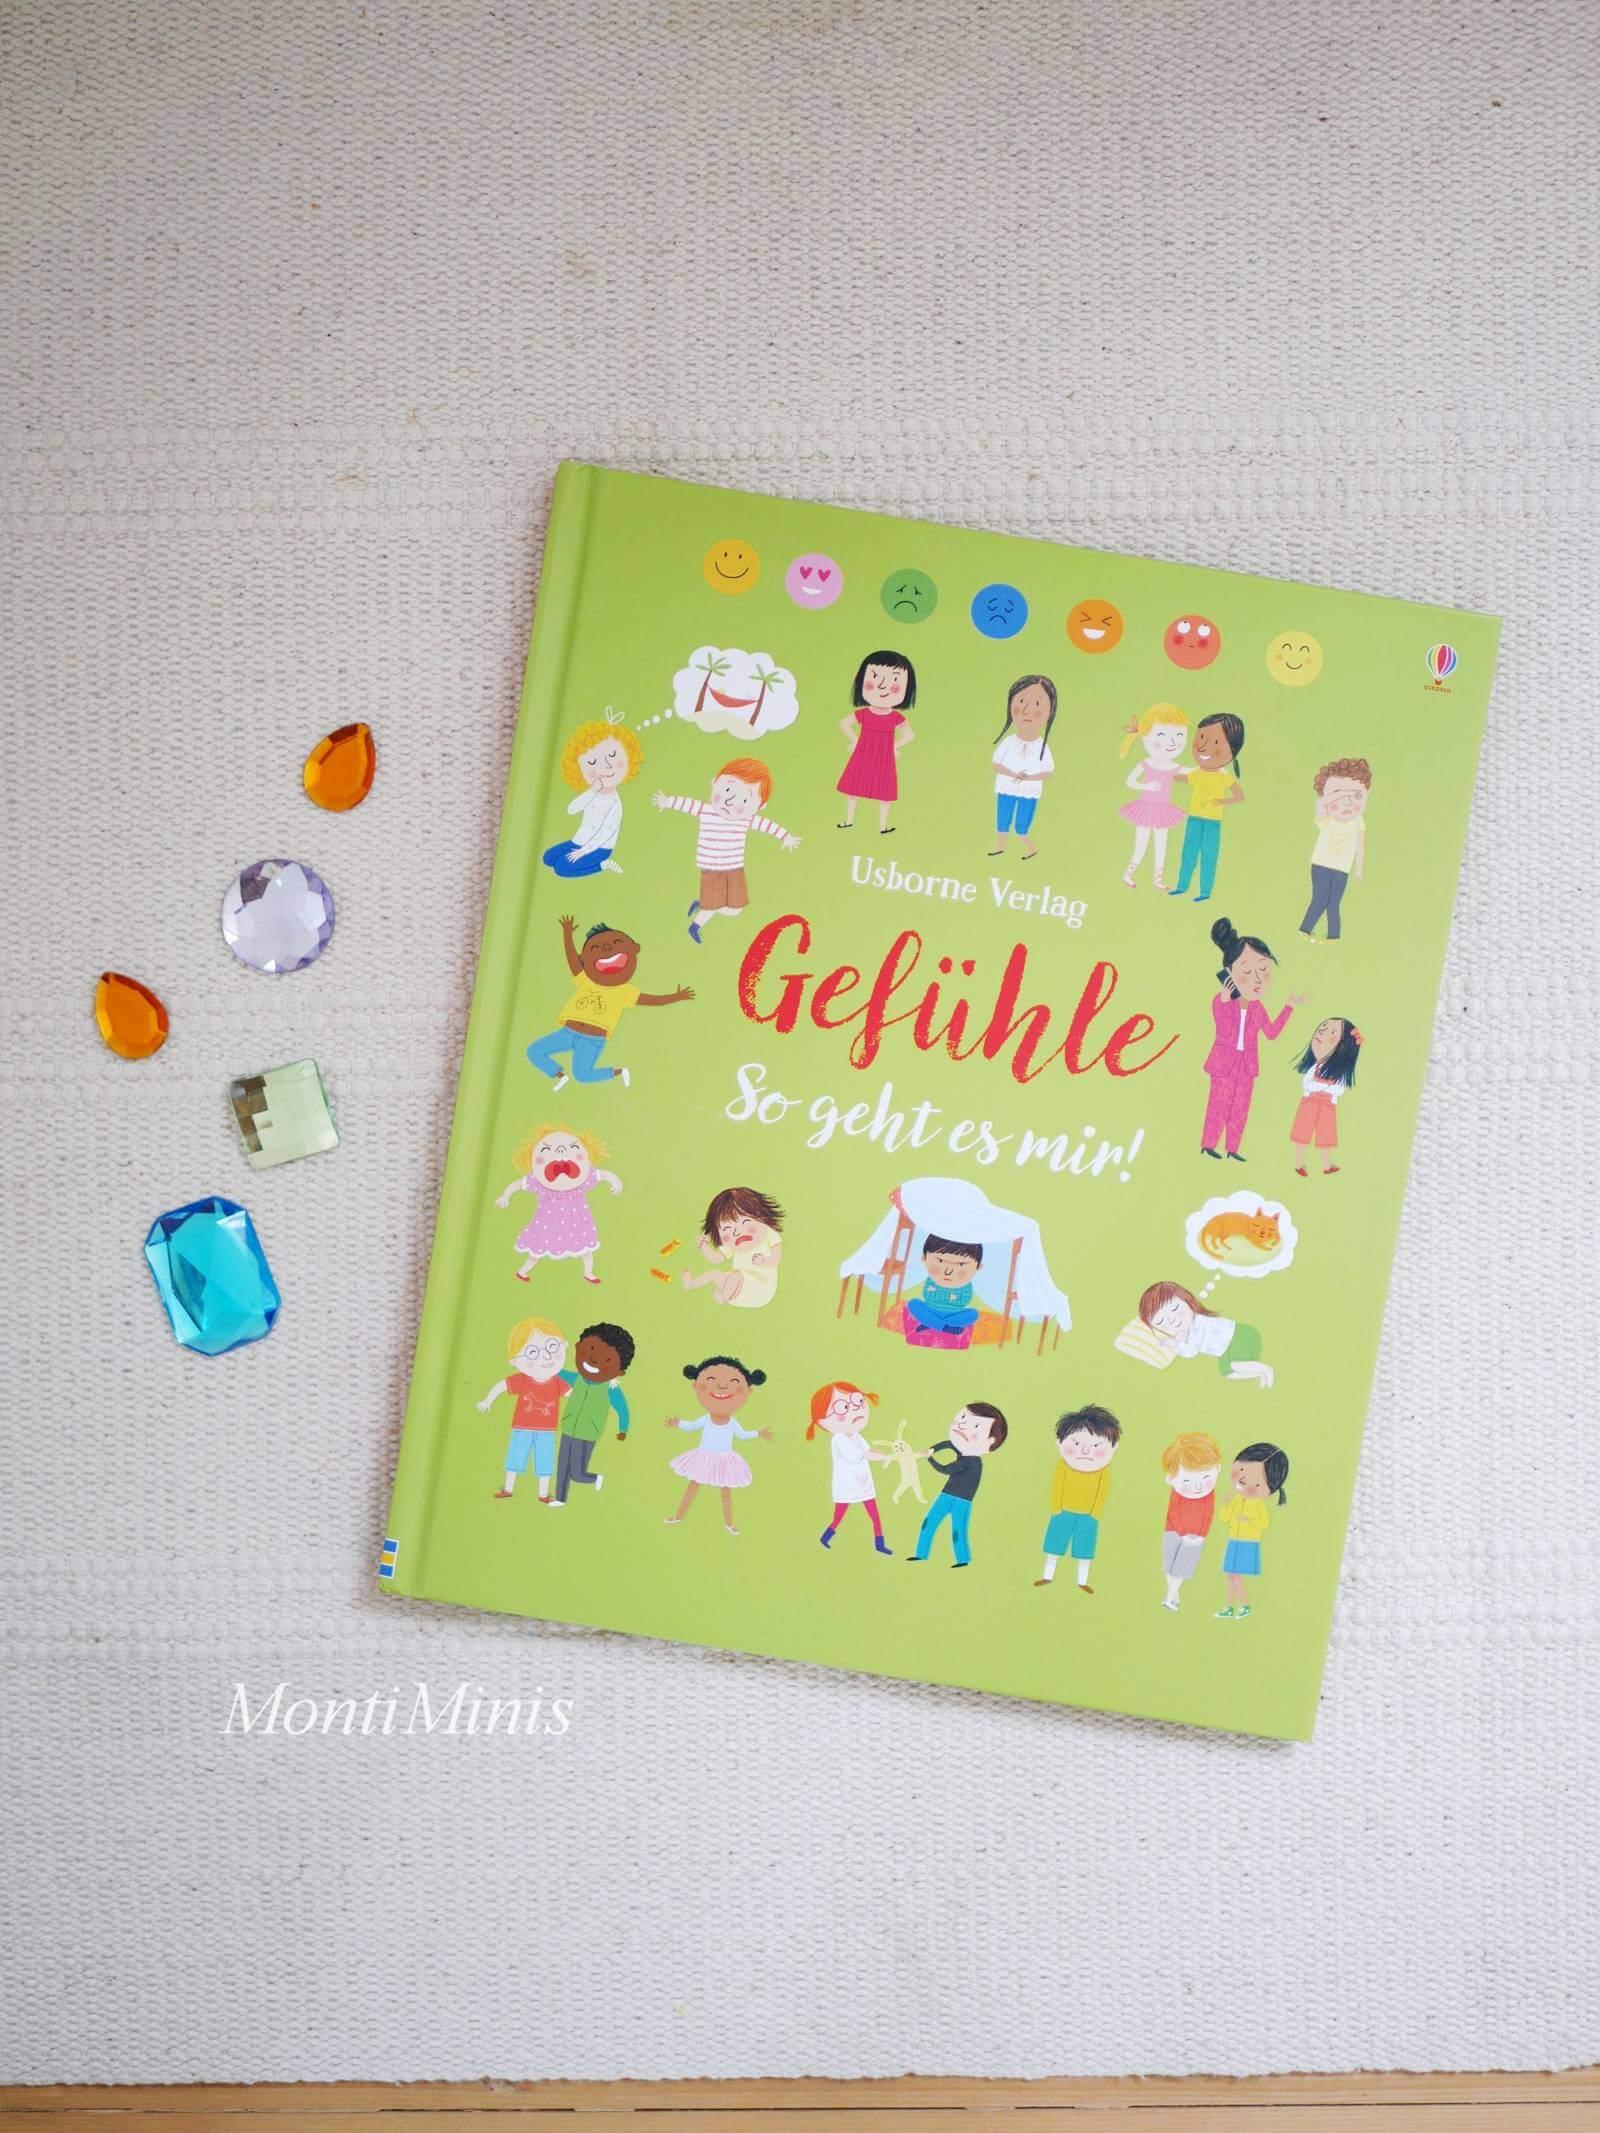 Montessori Zuhause: Eine Ruheoase für Kinder zum Lesen und Entspannen, Achtsamkeit, Kinderyoga, Buddha Board, Waldorf- Gefühle Kinderbuch - montiminis.com